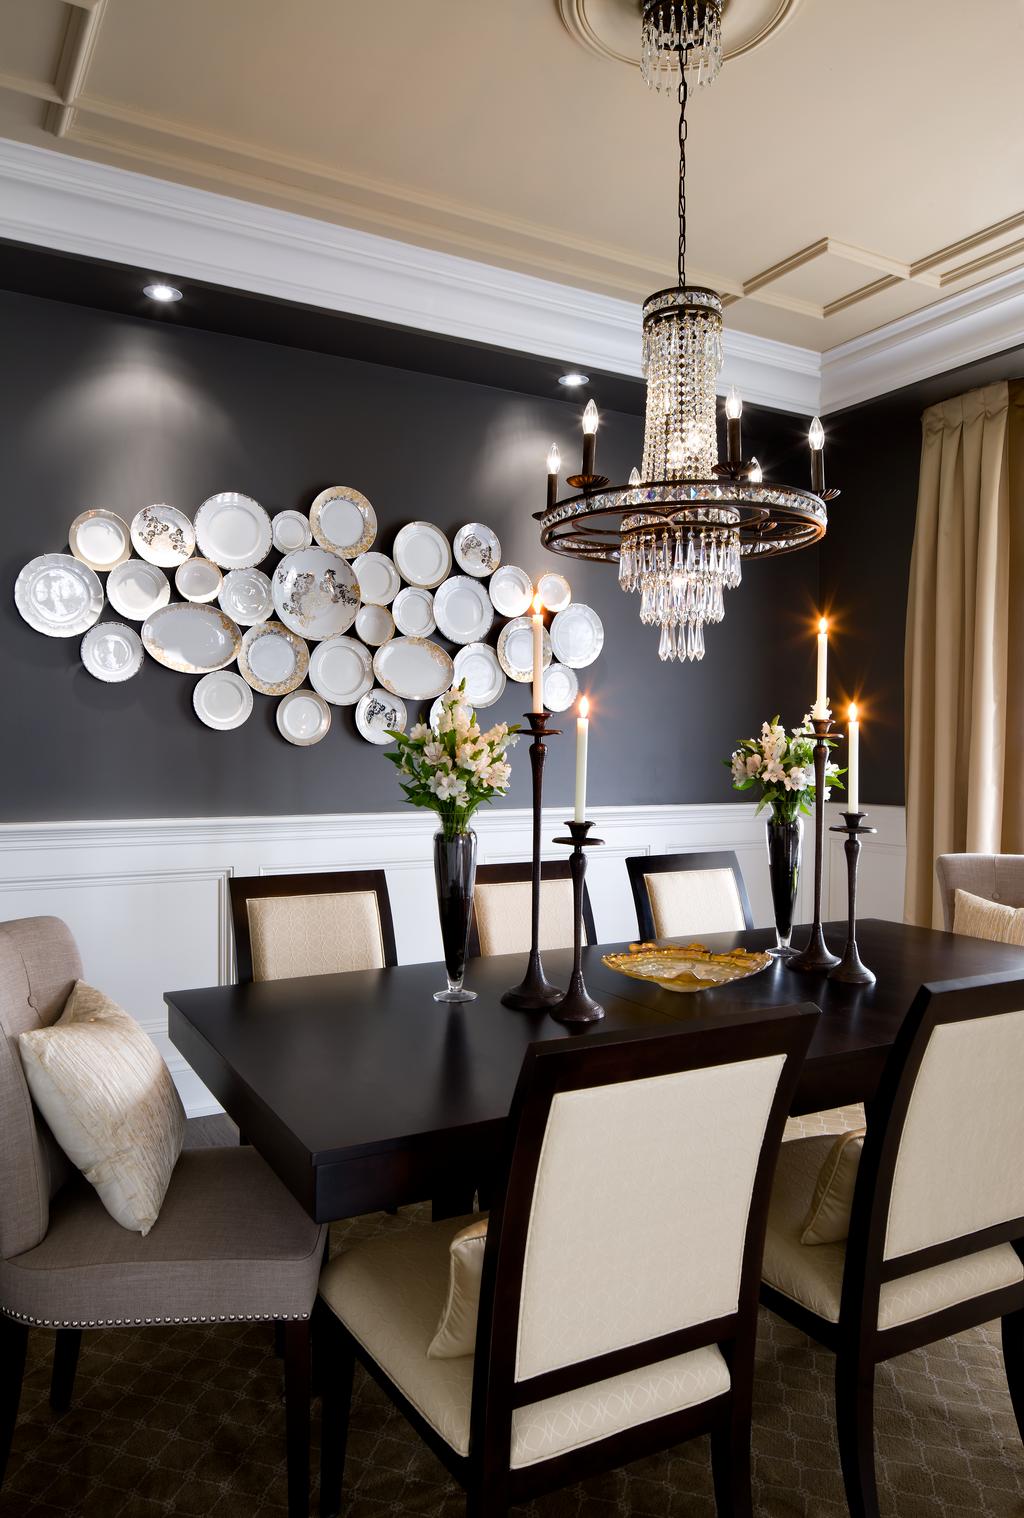 Dining room custom model home pinterest room dining for Model home dining room